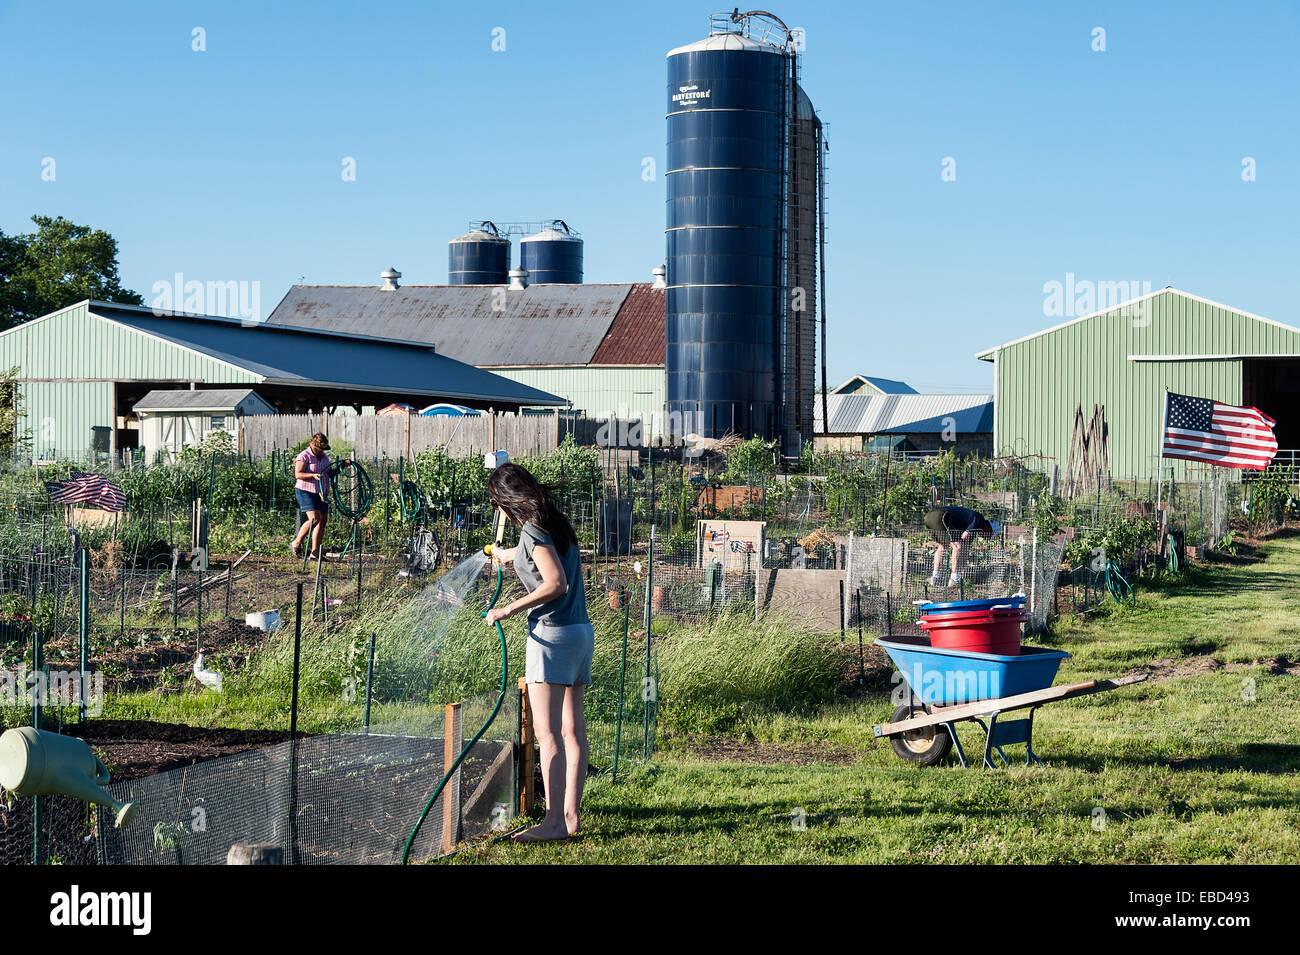 Irrigazione donna la sua traccia in un orto comunitario. Foto Stock